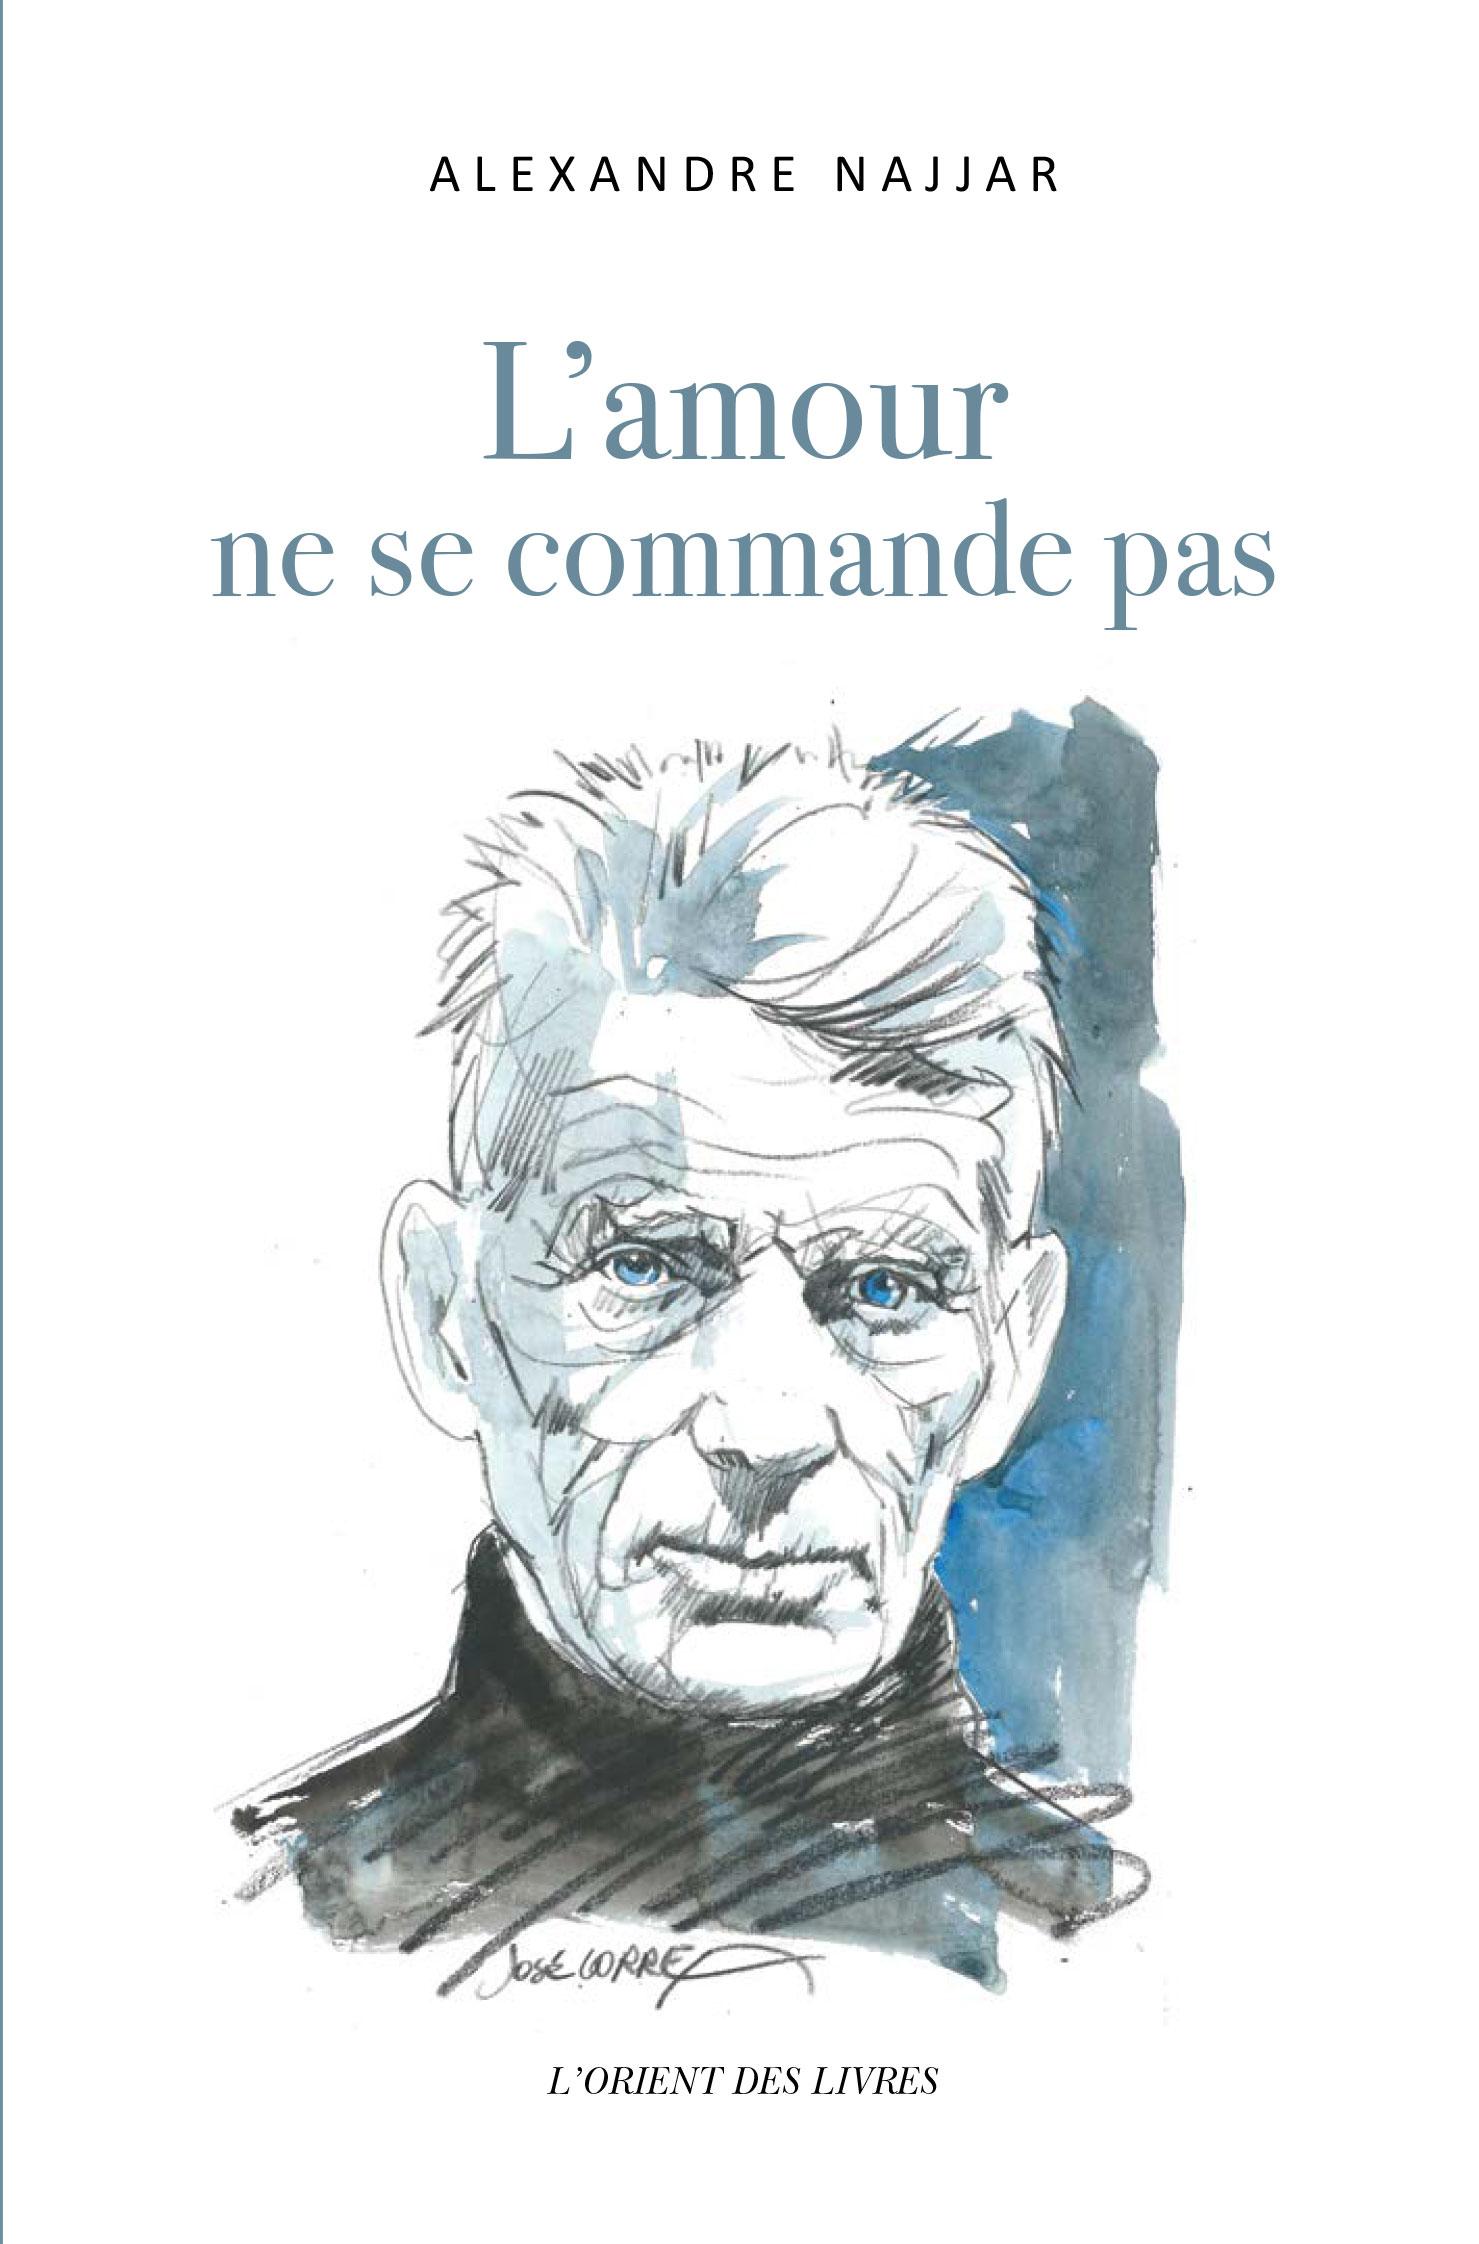 L'AMOUR NE SE COMMANDE PAS